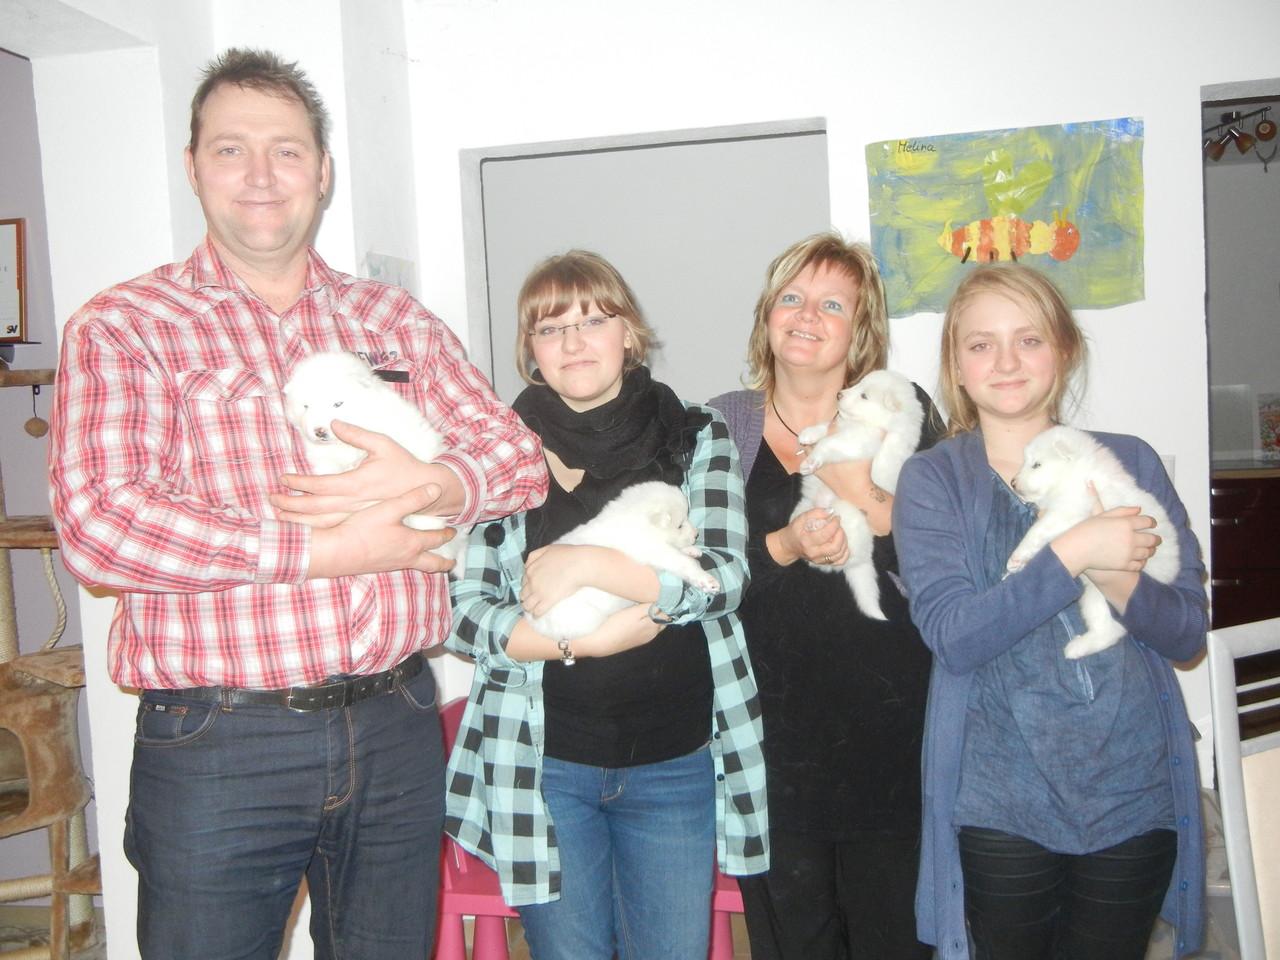 Familie Hauff, die erste Begegnung mit ihrem neuen Familienmitglied